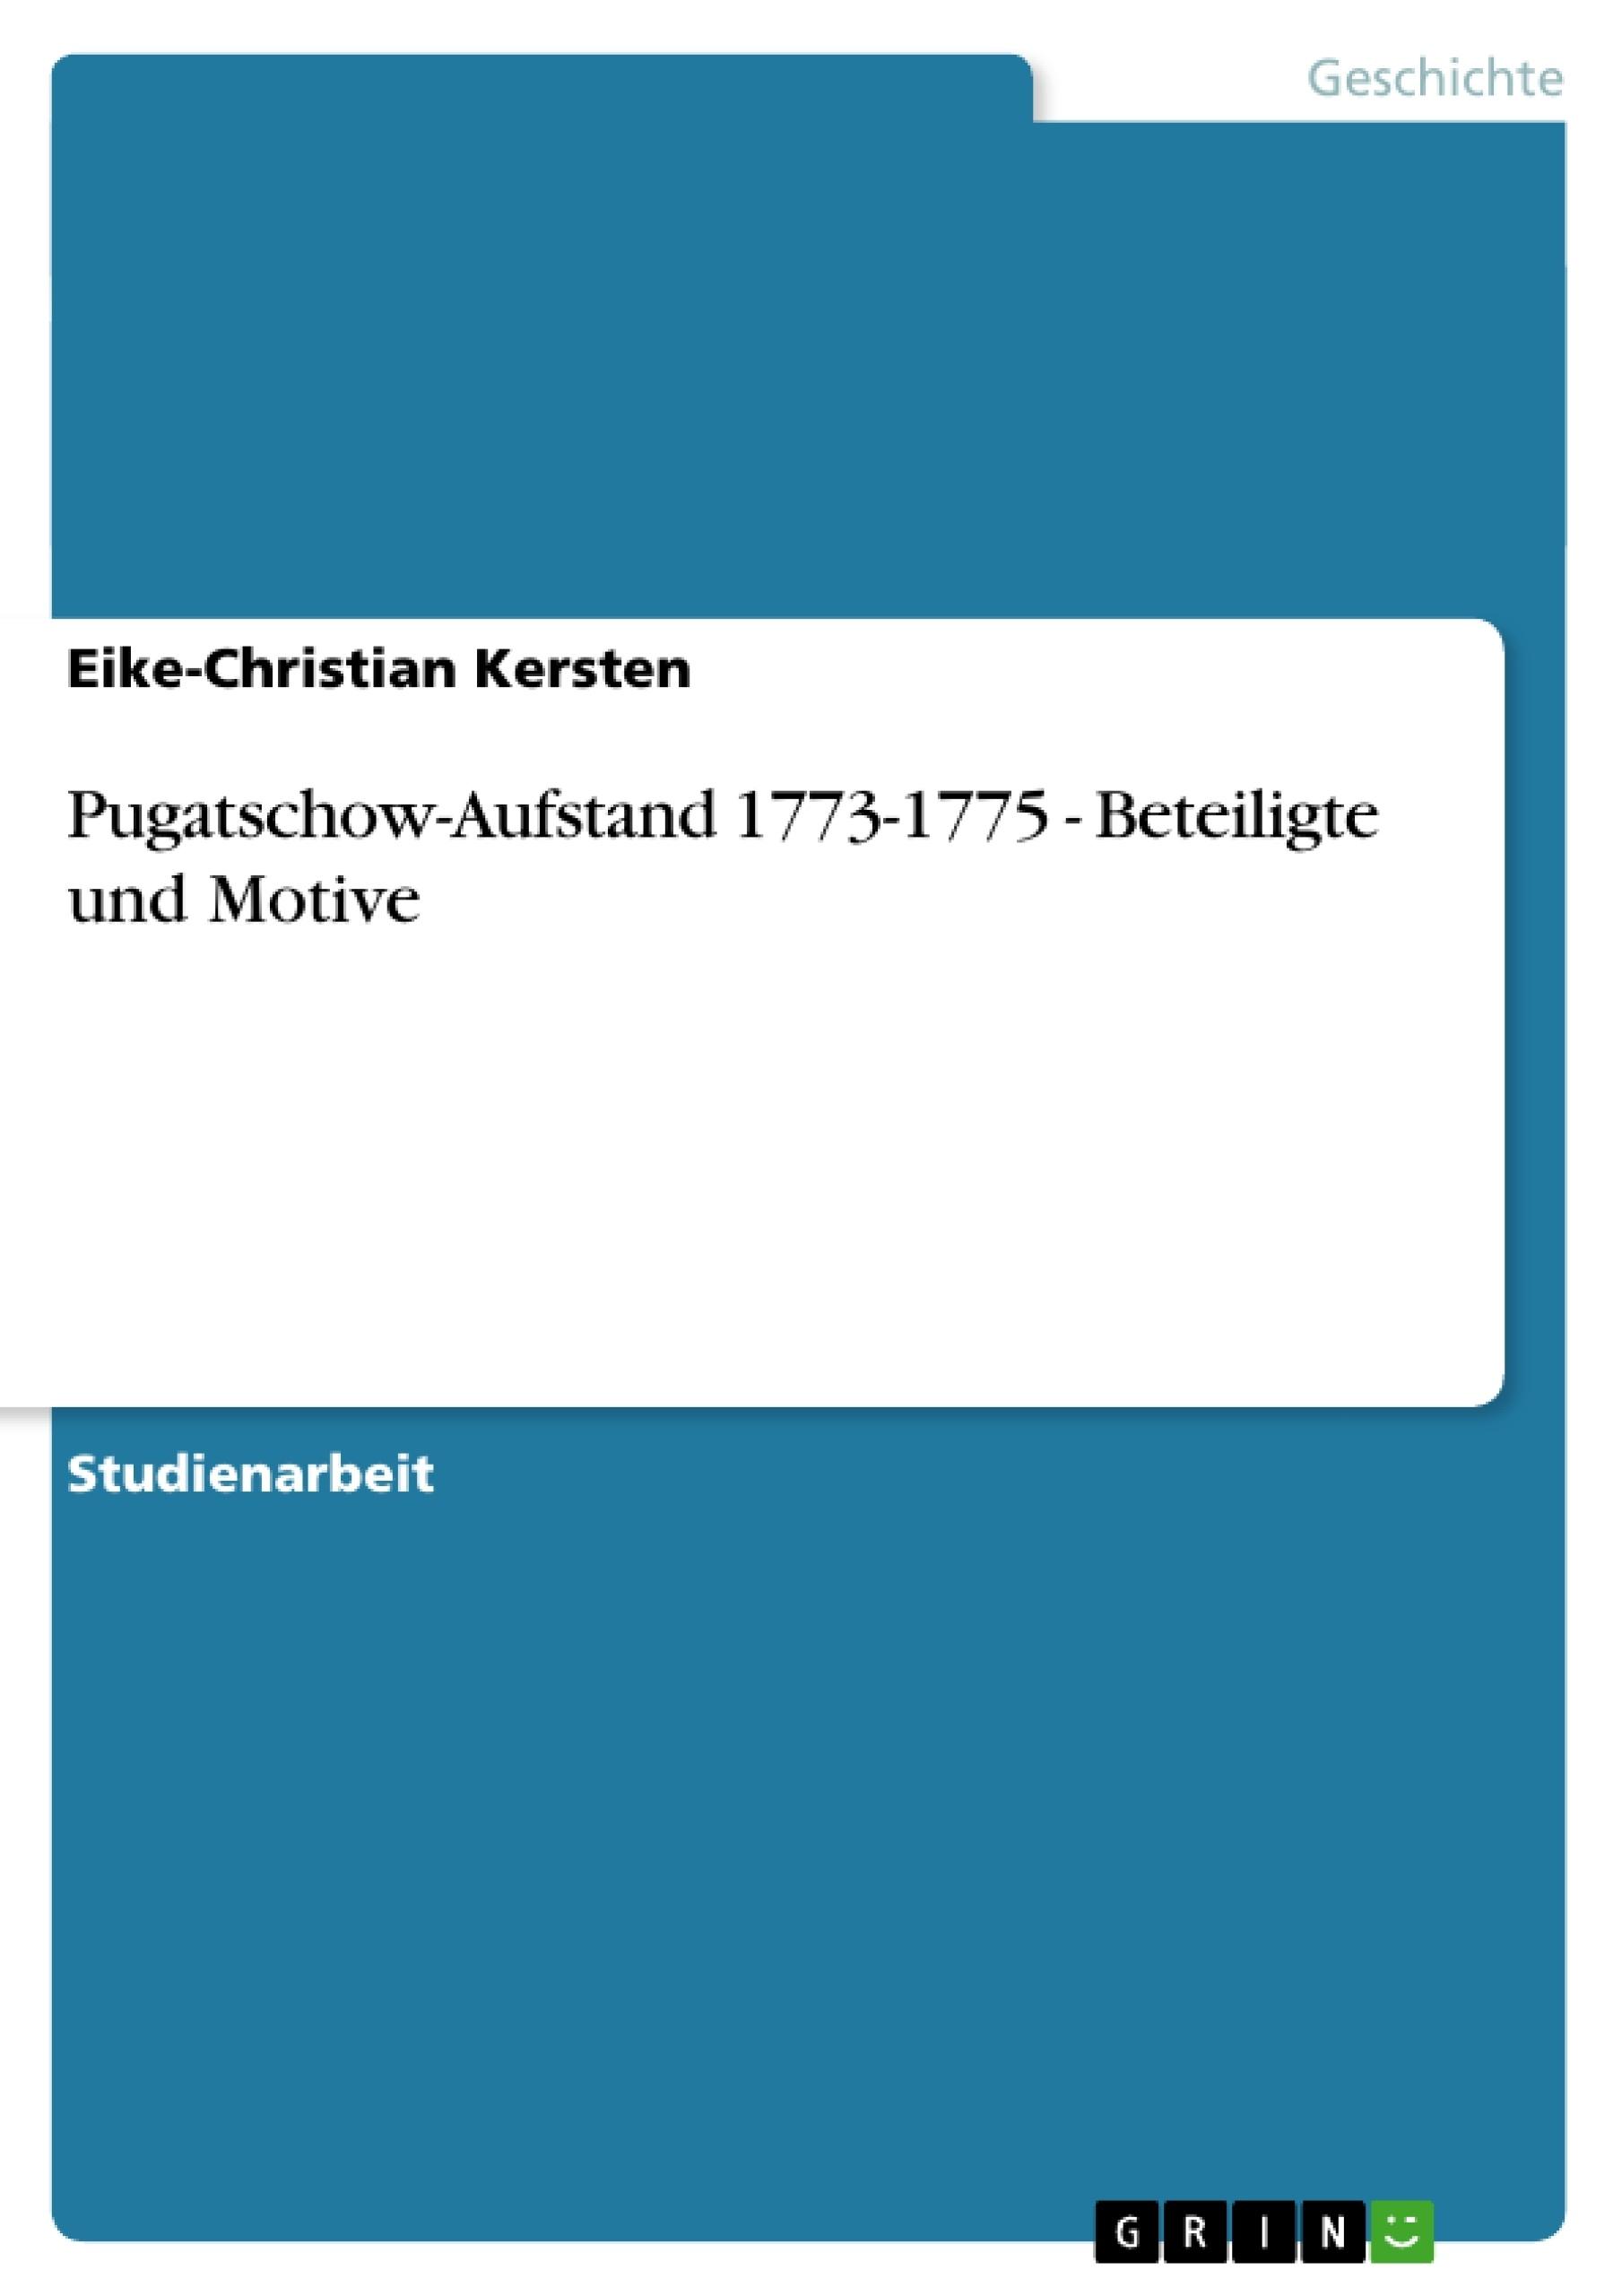 Titel: Pugatschow-Aufstand 1773-1775 - Beteiligte und Motive